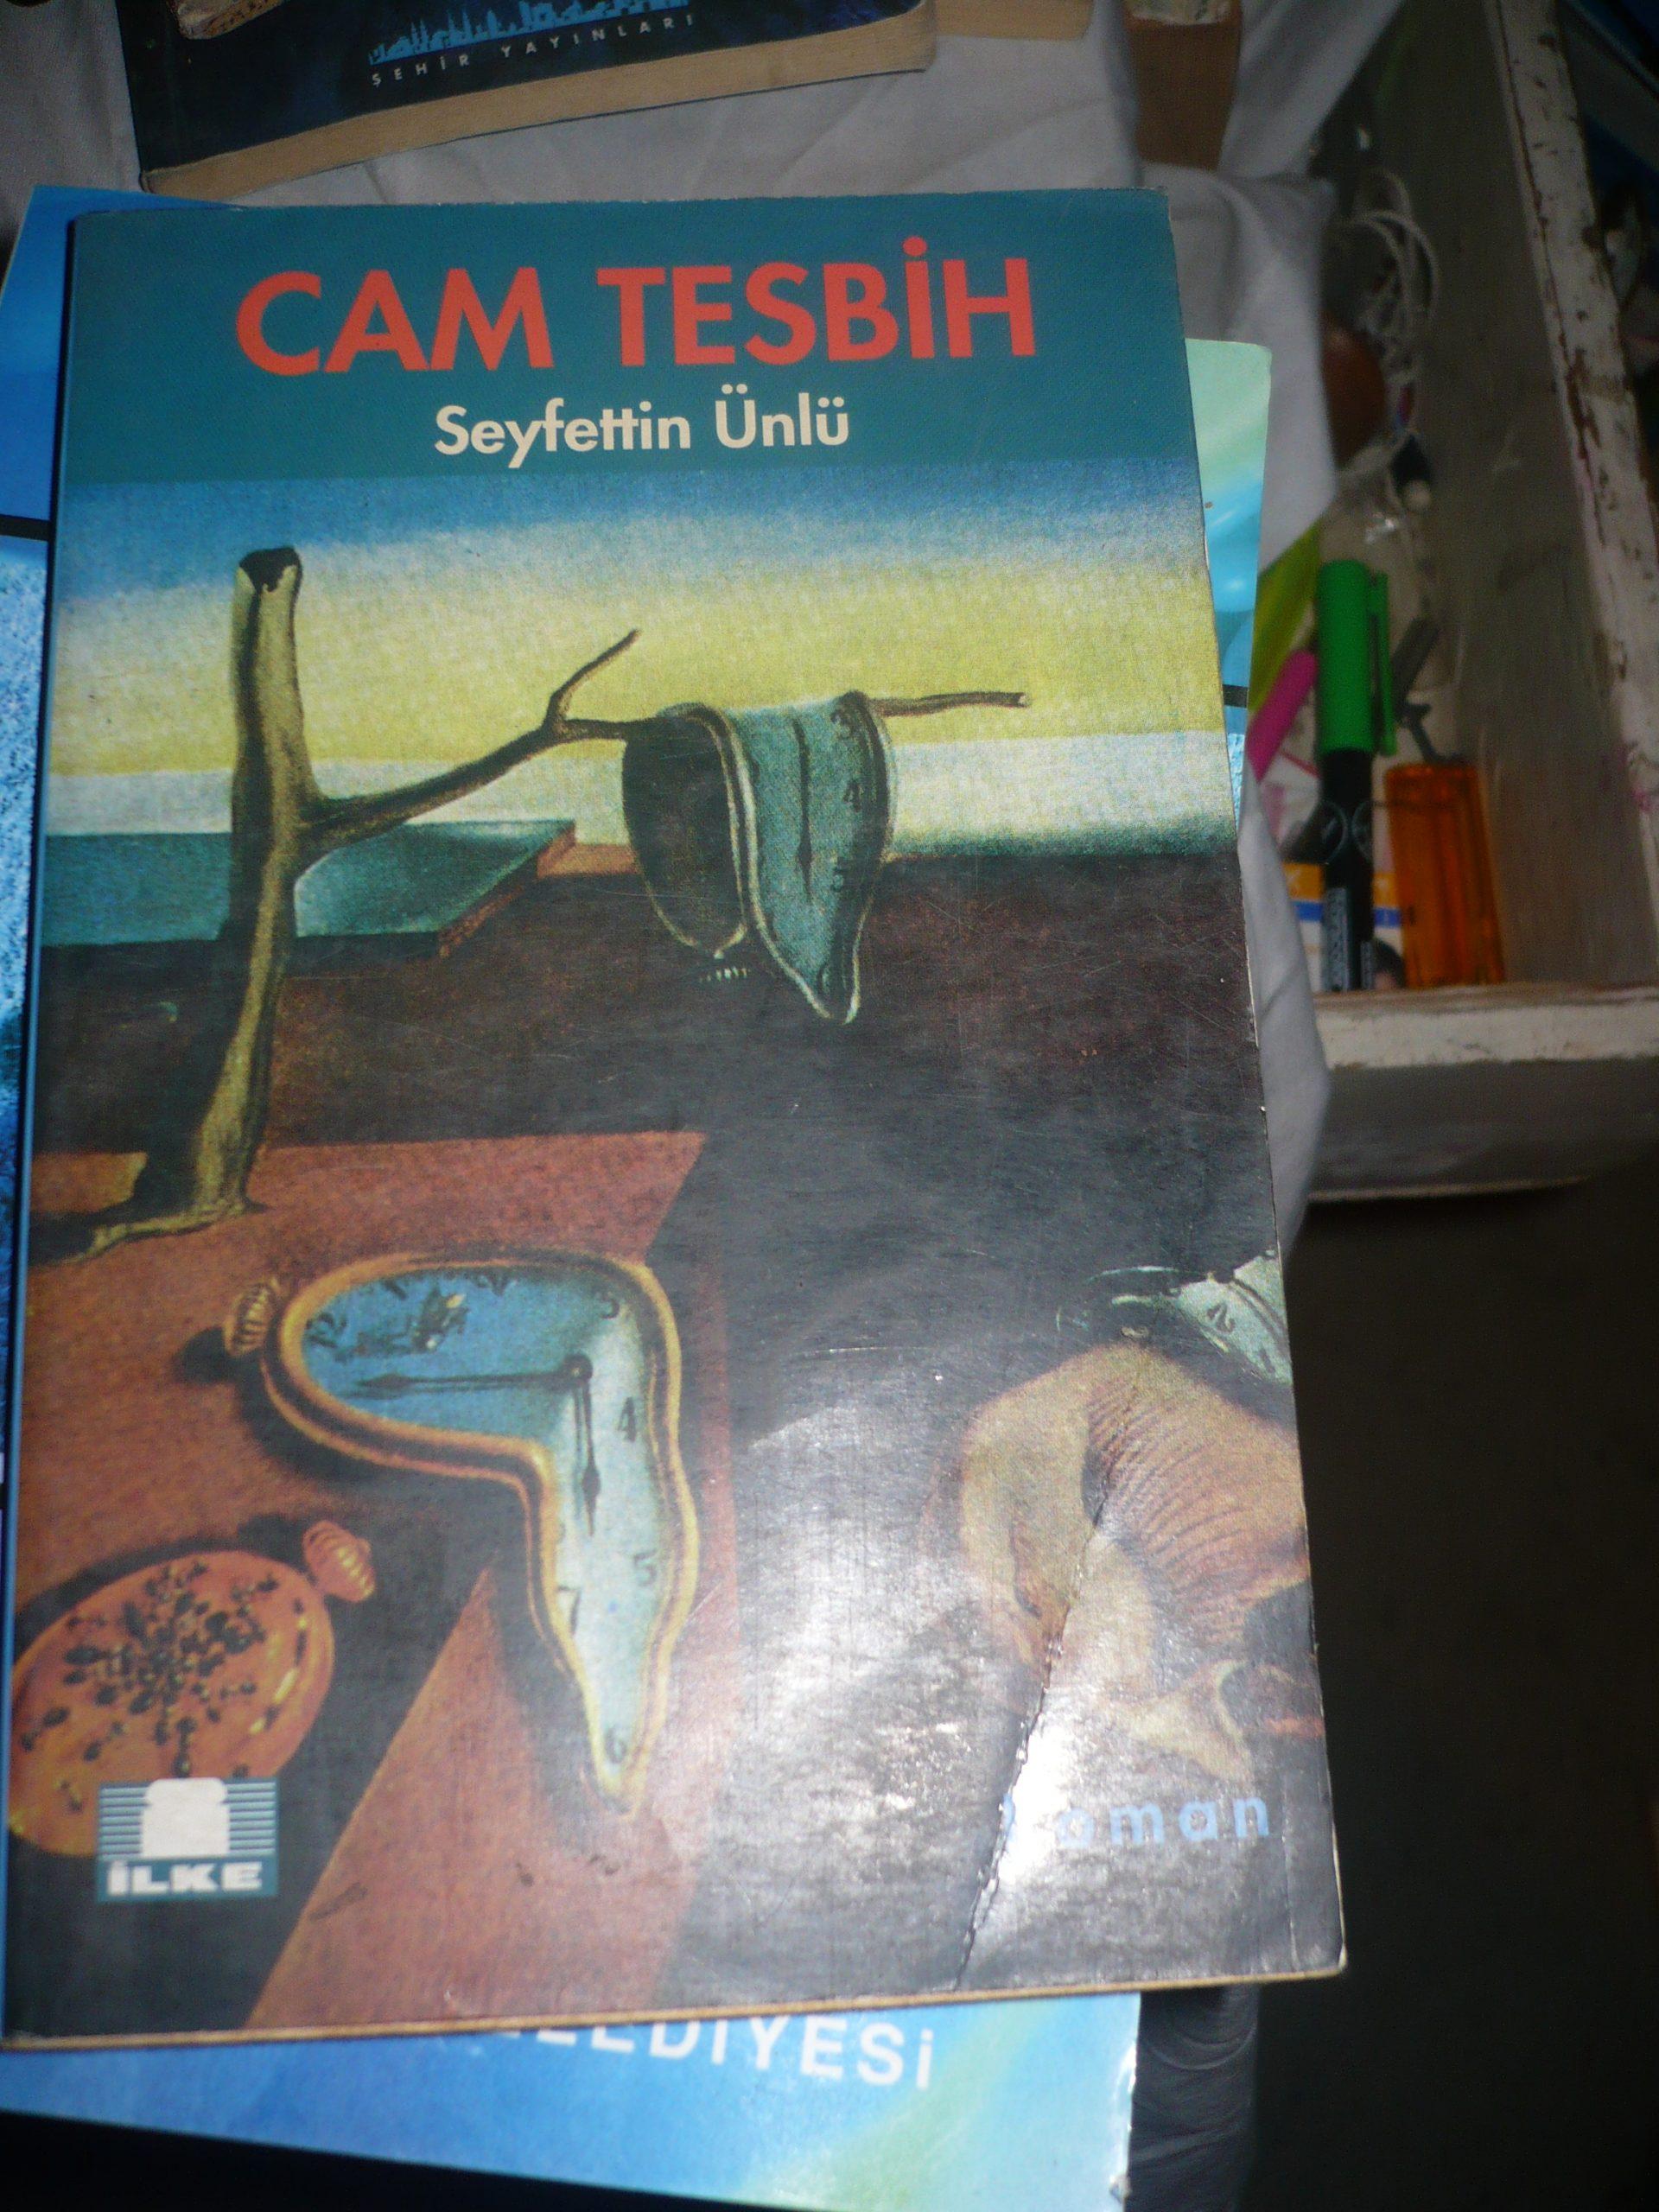 CAM TESBİH/Seyfettin Ünlü/ 10 tl